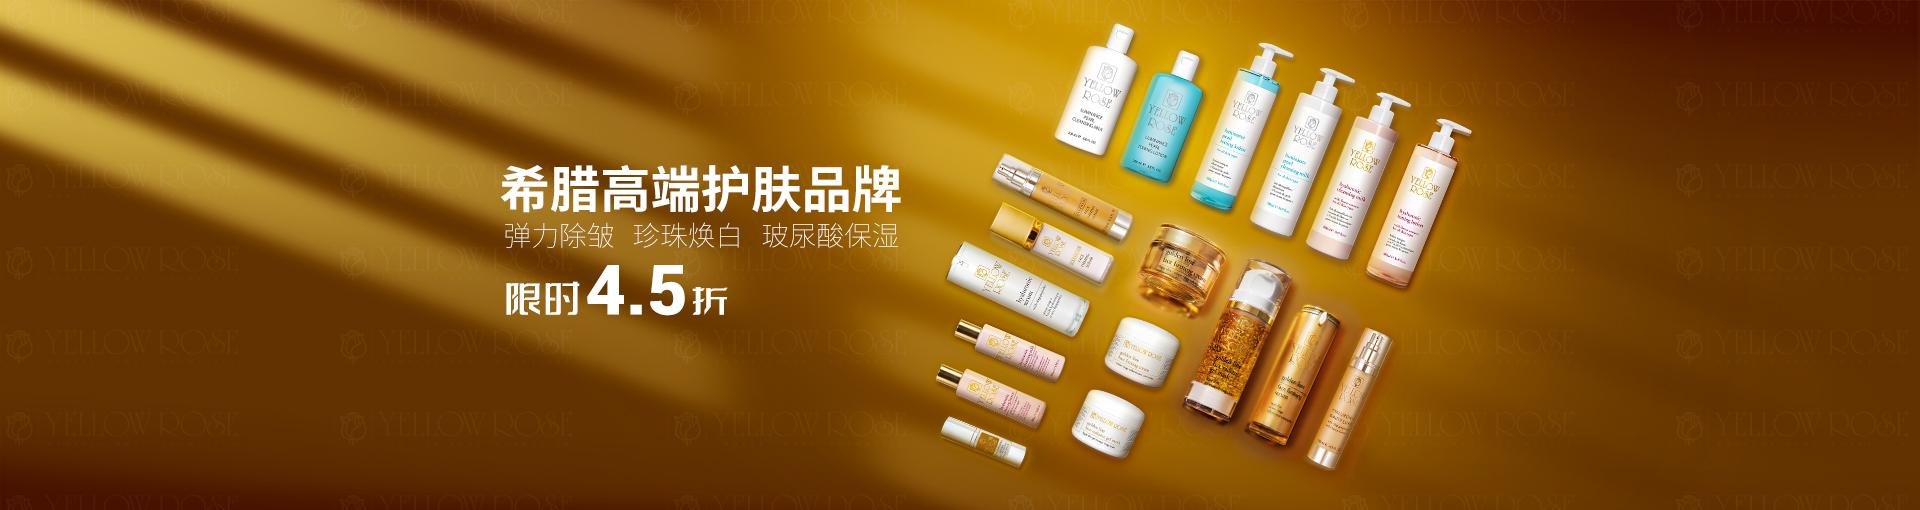 采美优惠:希腊高端护肤品牌YELLOW ROSE黄玫瑰全线产品限时4.5折